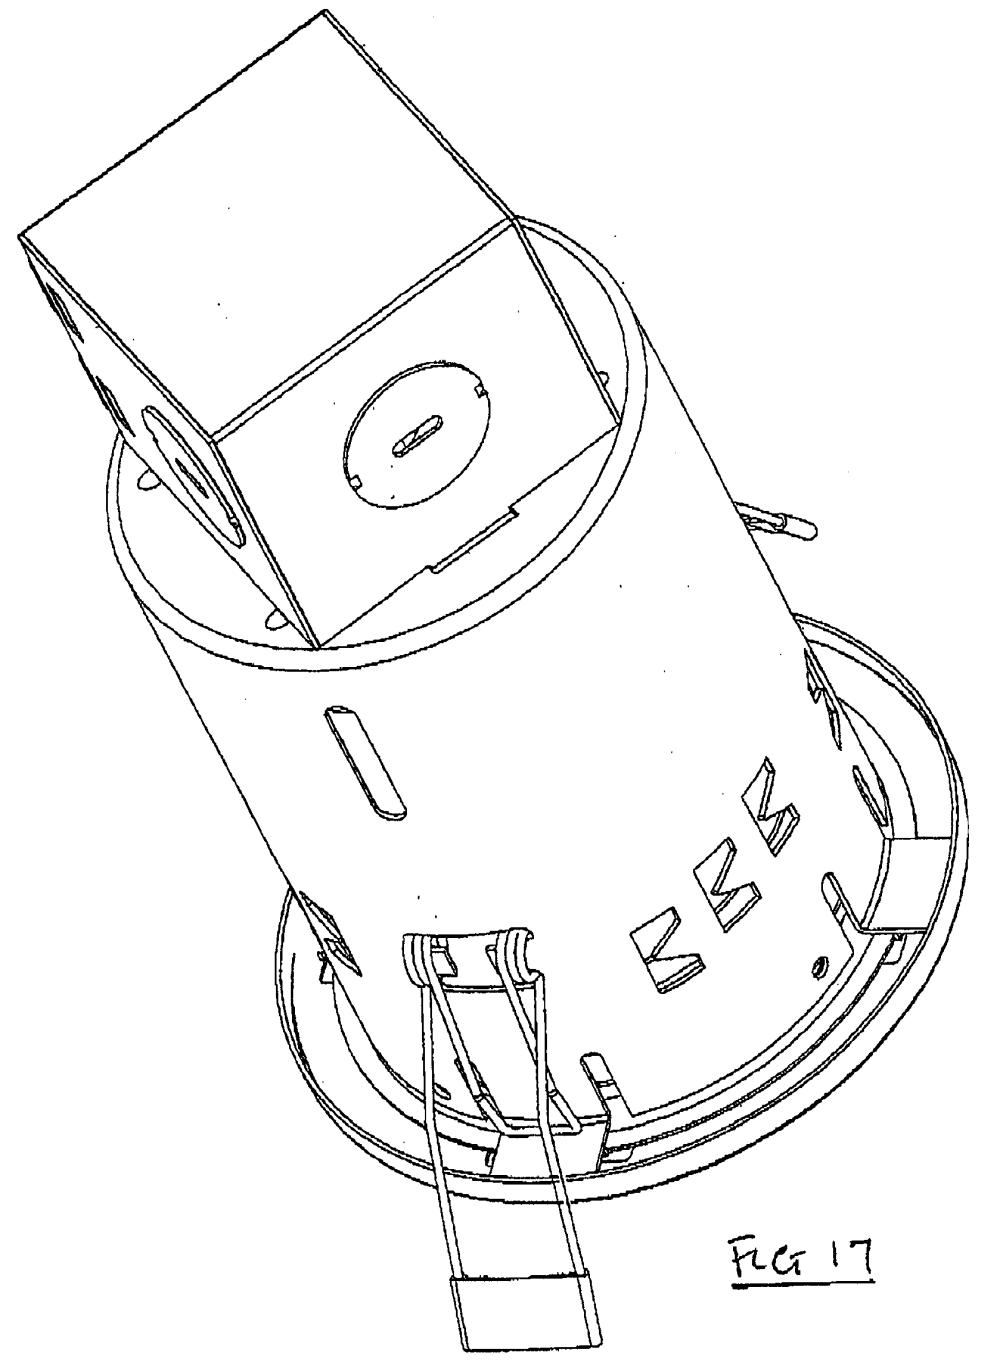 medium resolution of led downlight wiring diagram images wiring diagram ice cube relay wiring diagram led light wiring diagram